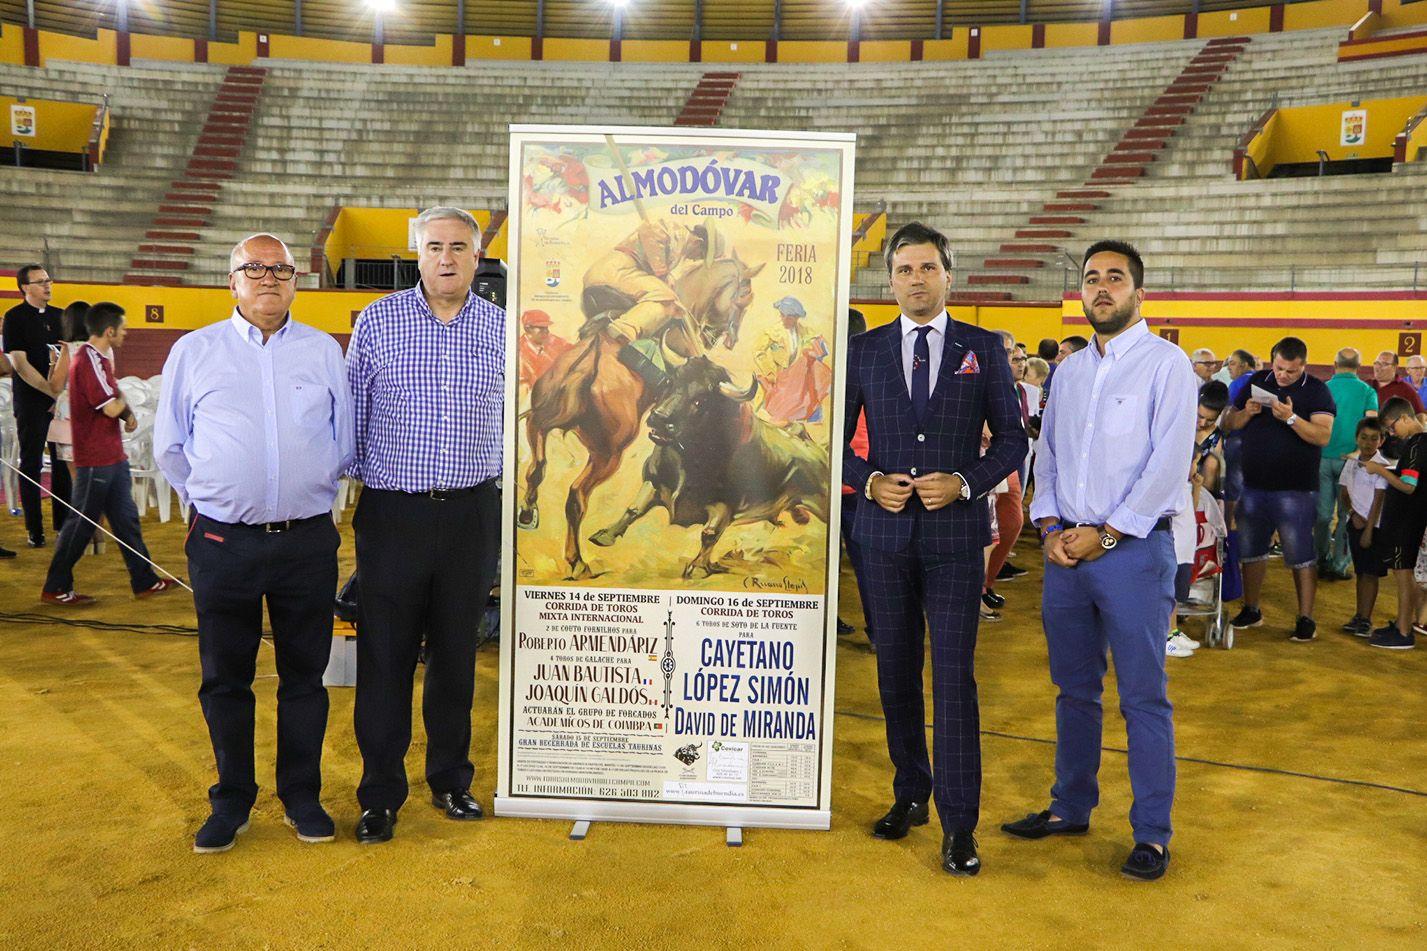 Cayetano, López Simón y David de Miranda cartel estrella en la Feria Taurina de Almodóvar